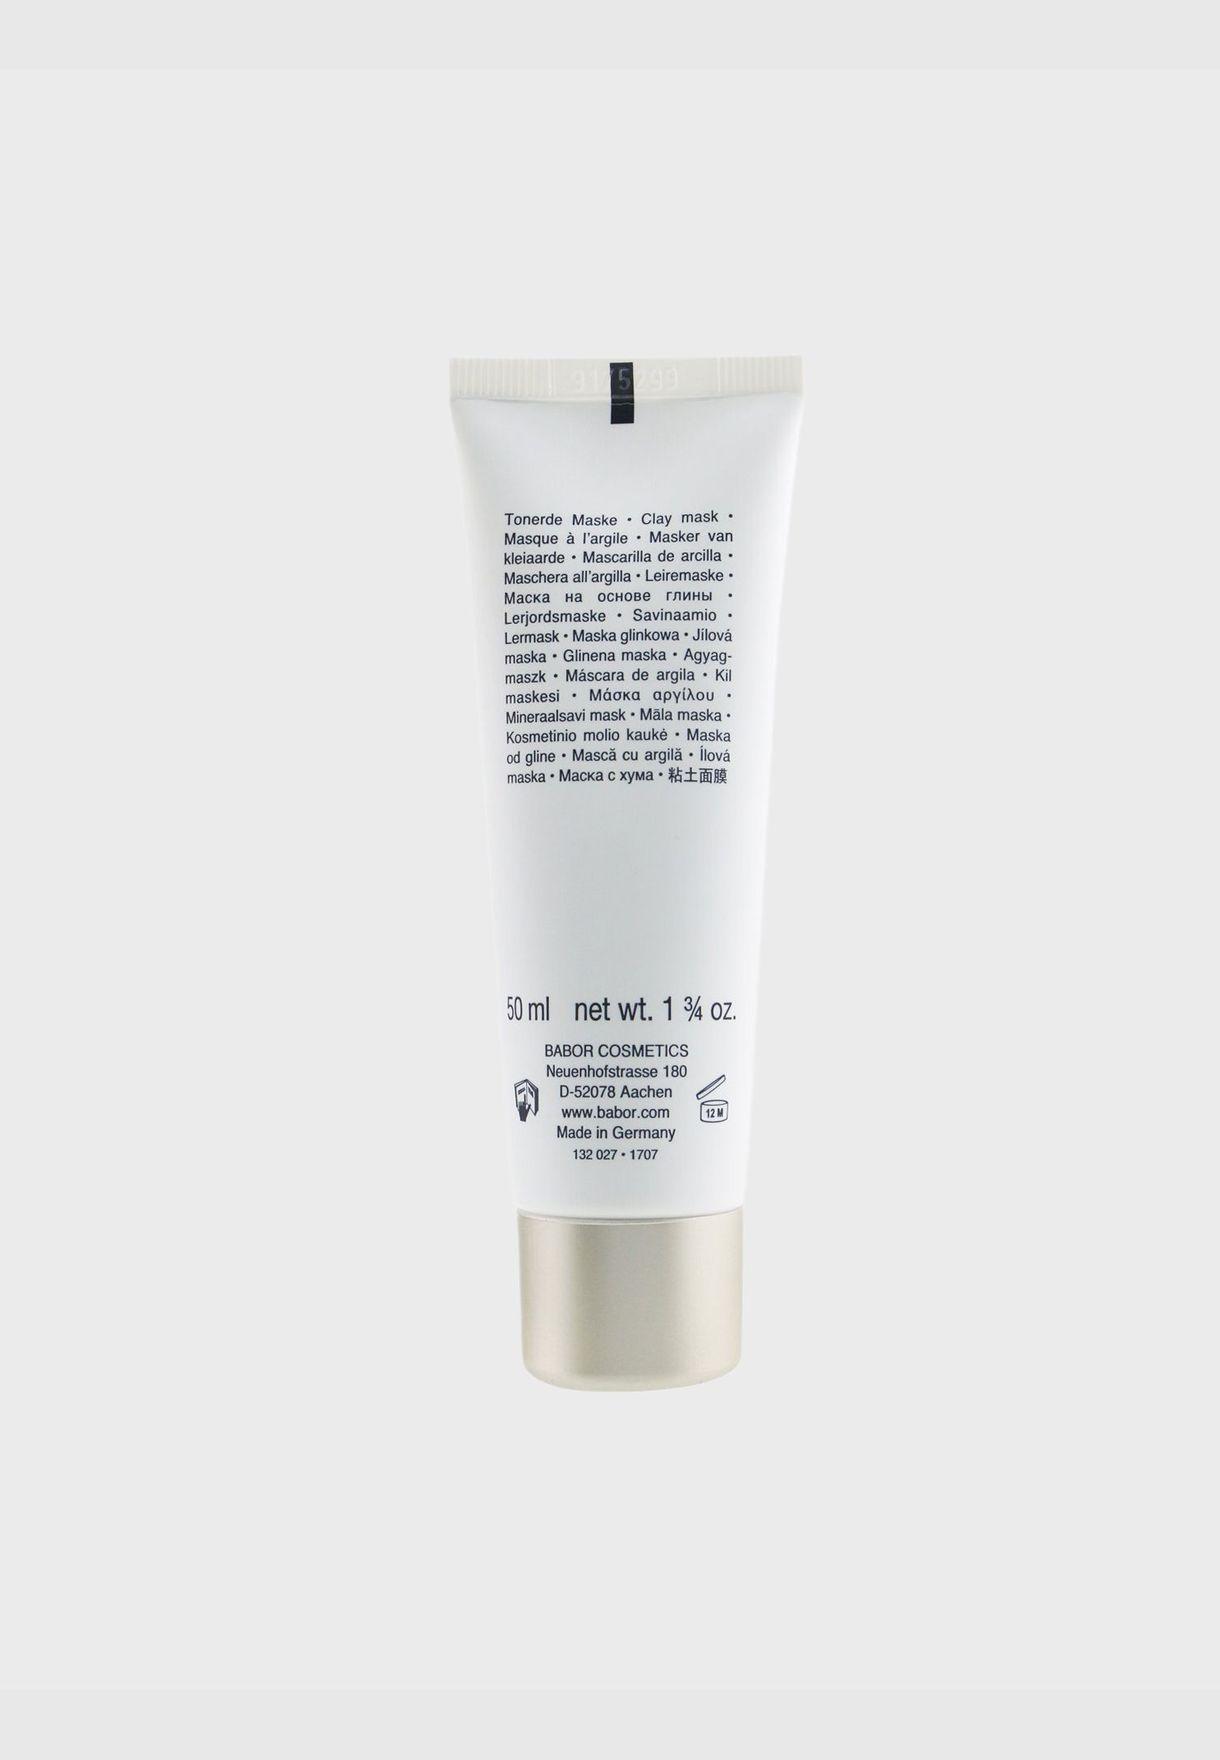 ماسك منقي مضاد لآثار التقدم بالسن Skinovage - للبشرة المضطربة والزيتية